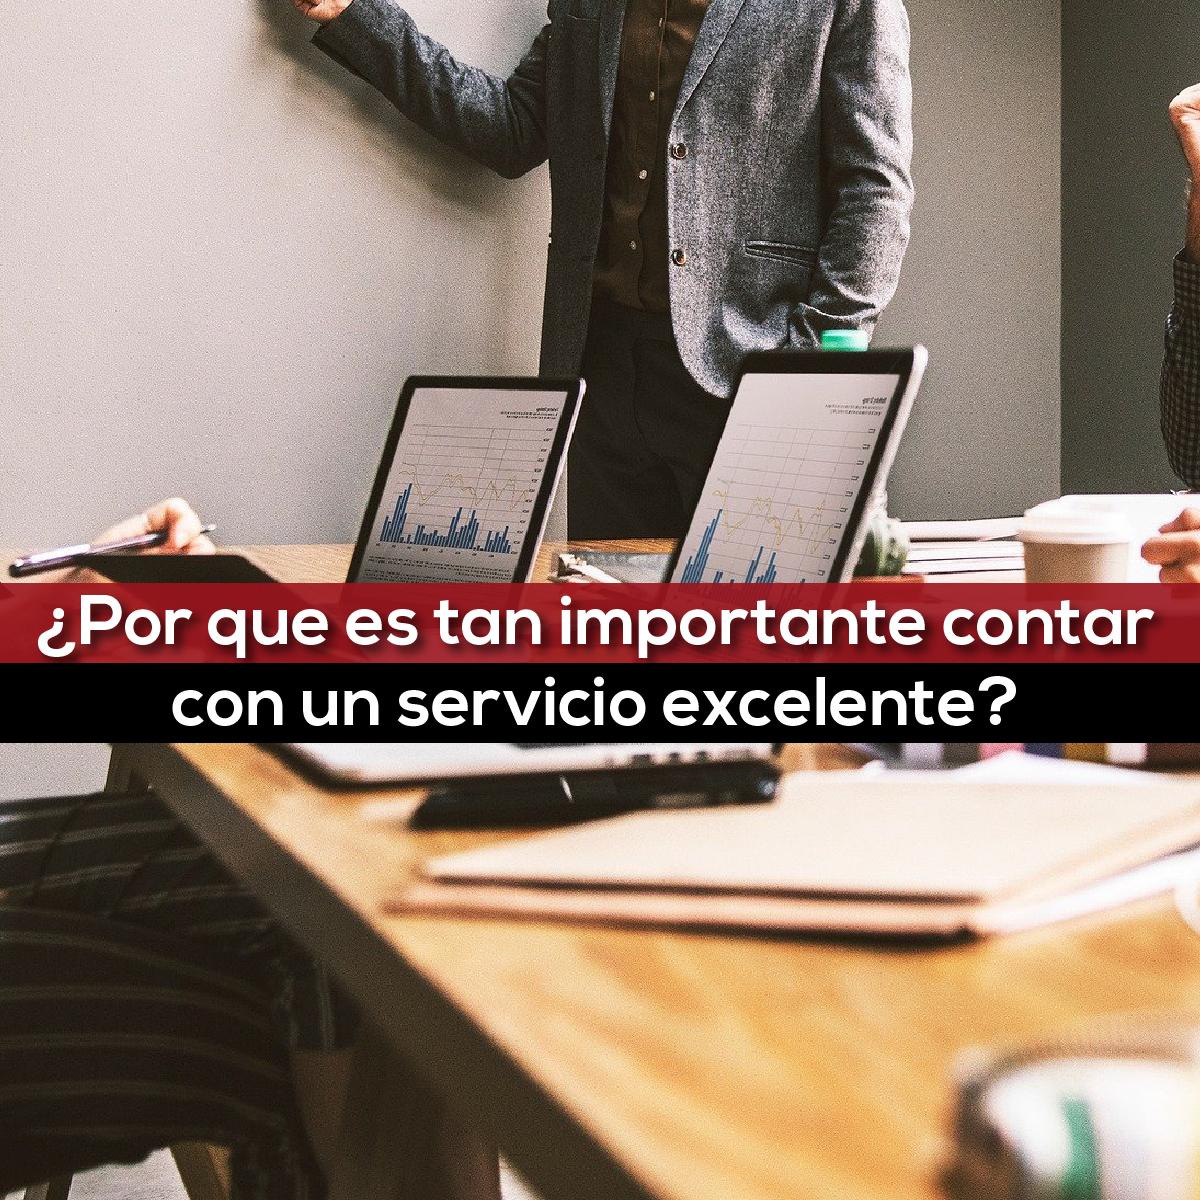 ¿Por Que Es Tan Importante Contar Con Un Servicio Excelente?